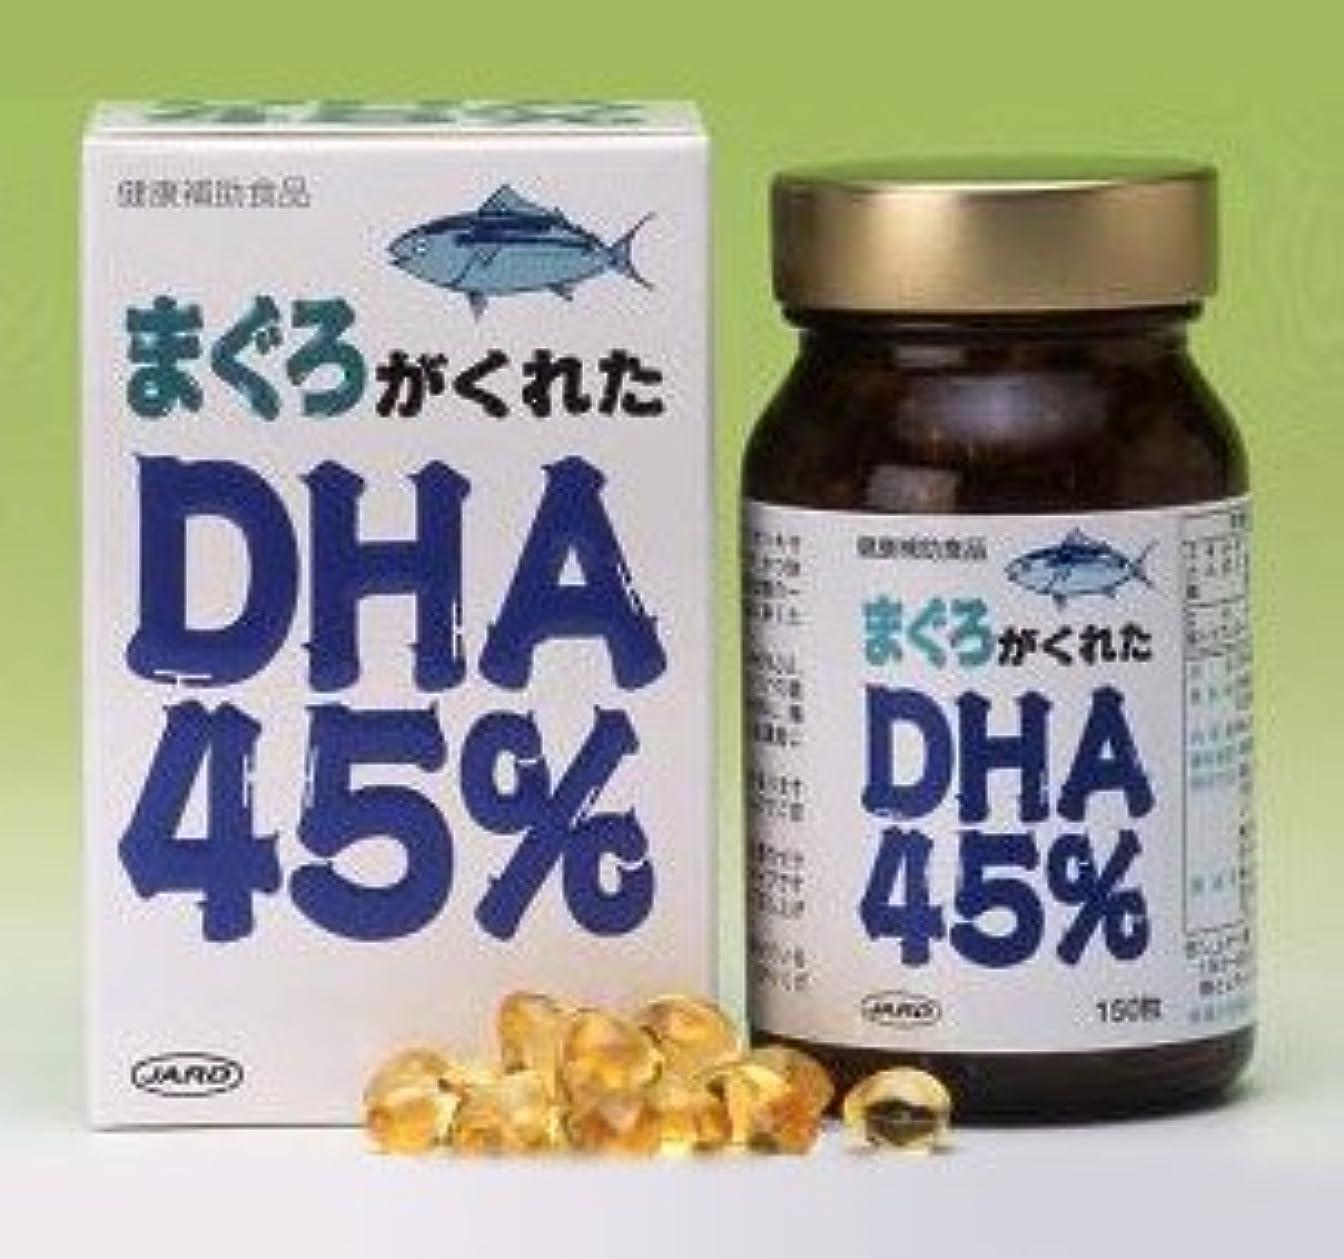 憂鬱な鑑定パウダーまぐろがくれたDHA45%(単品)ジャード